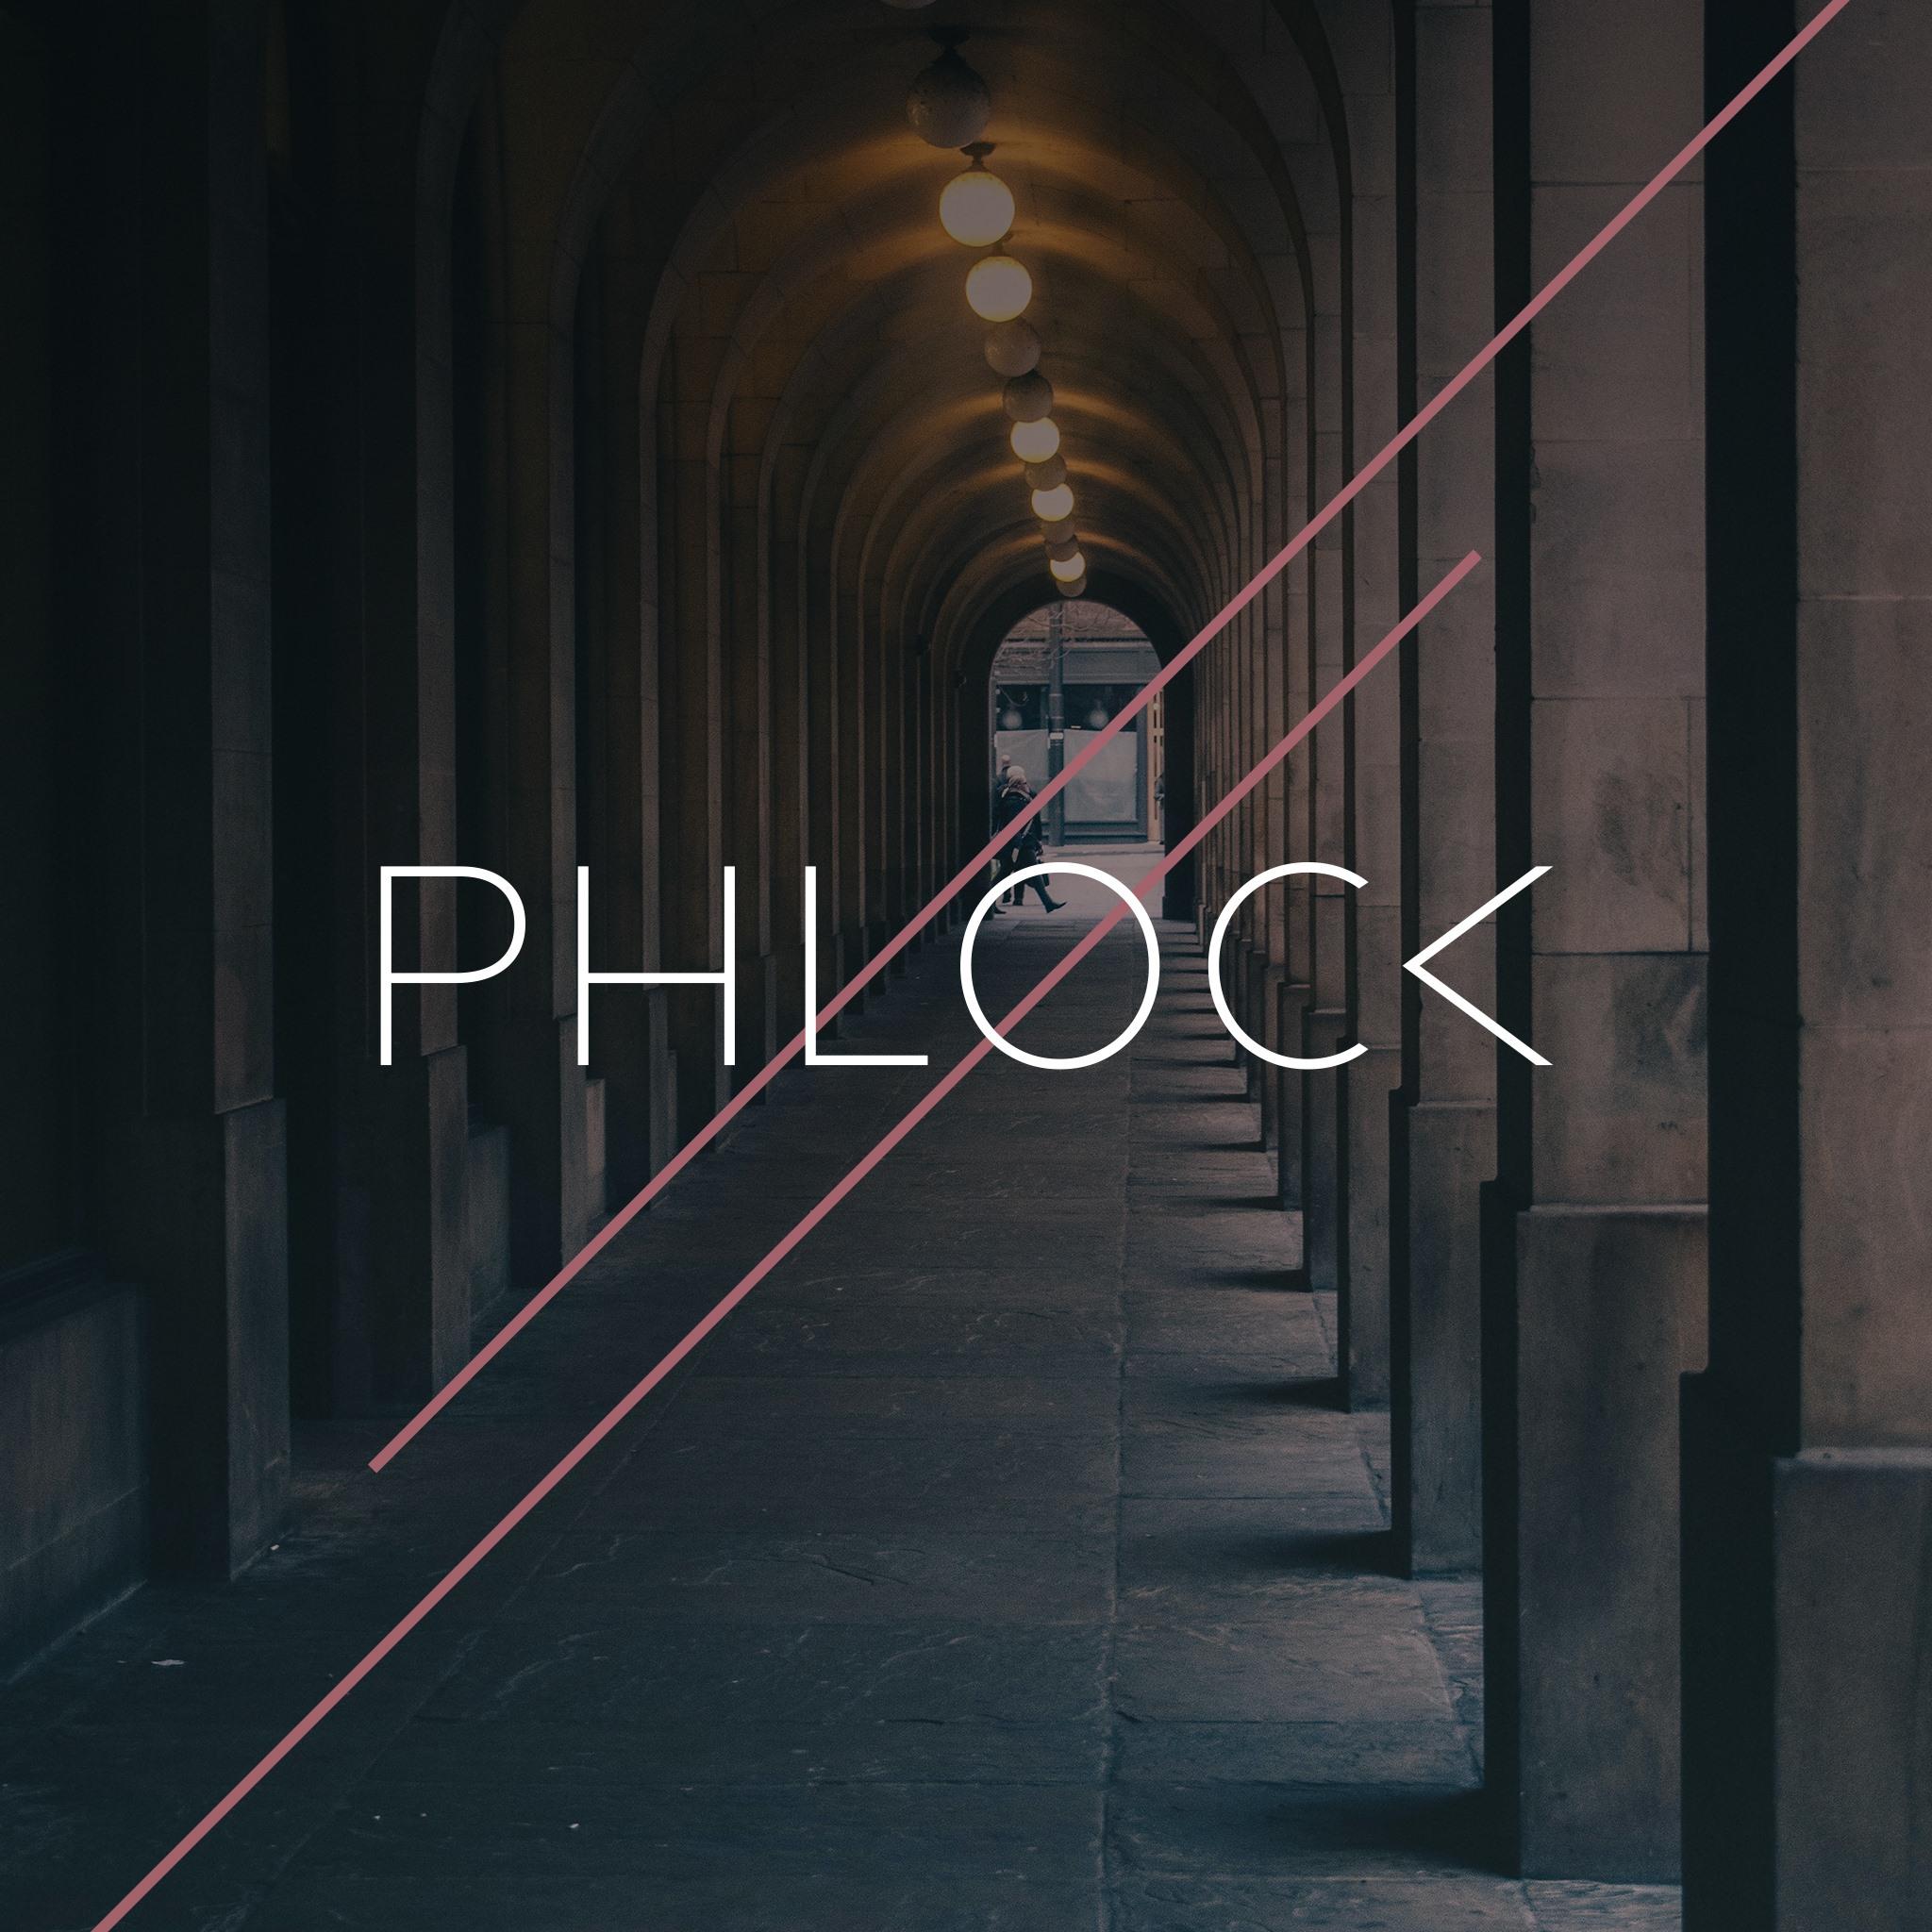 Phlock Live image logo.jpg